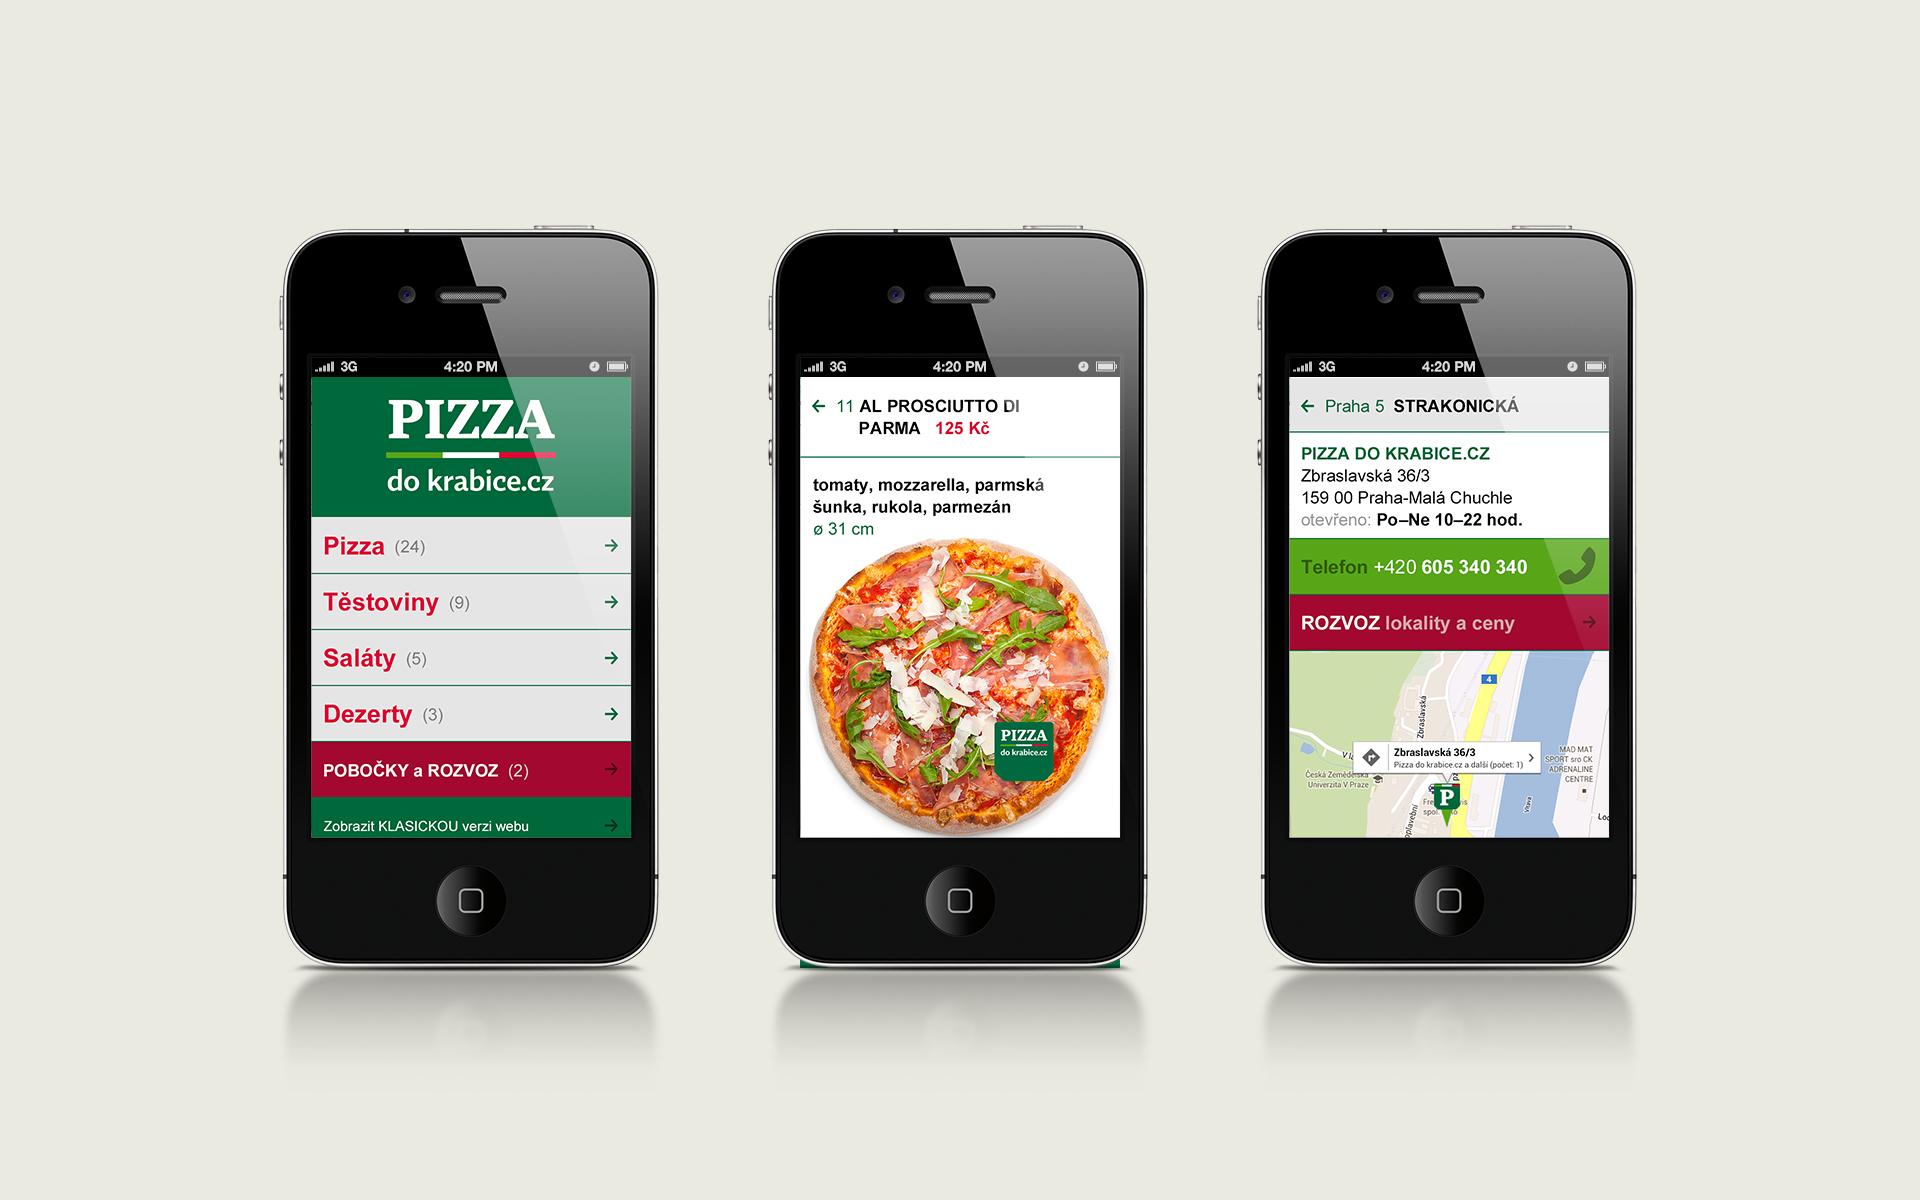 2012-Pizza-do-krabice-04-mobile-web